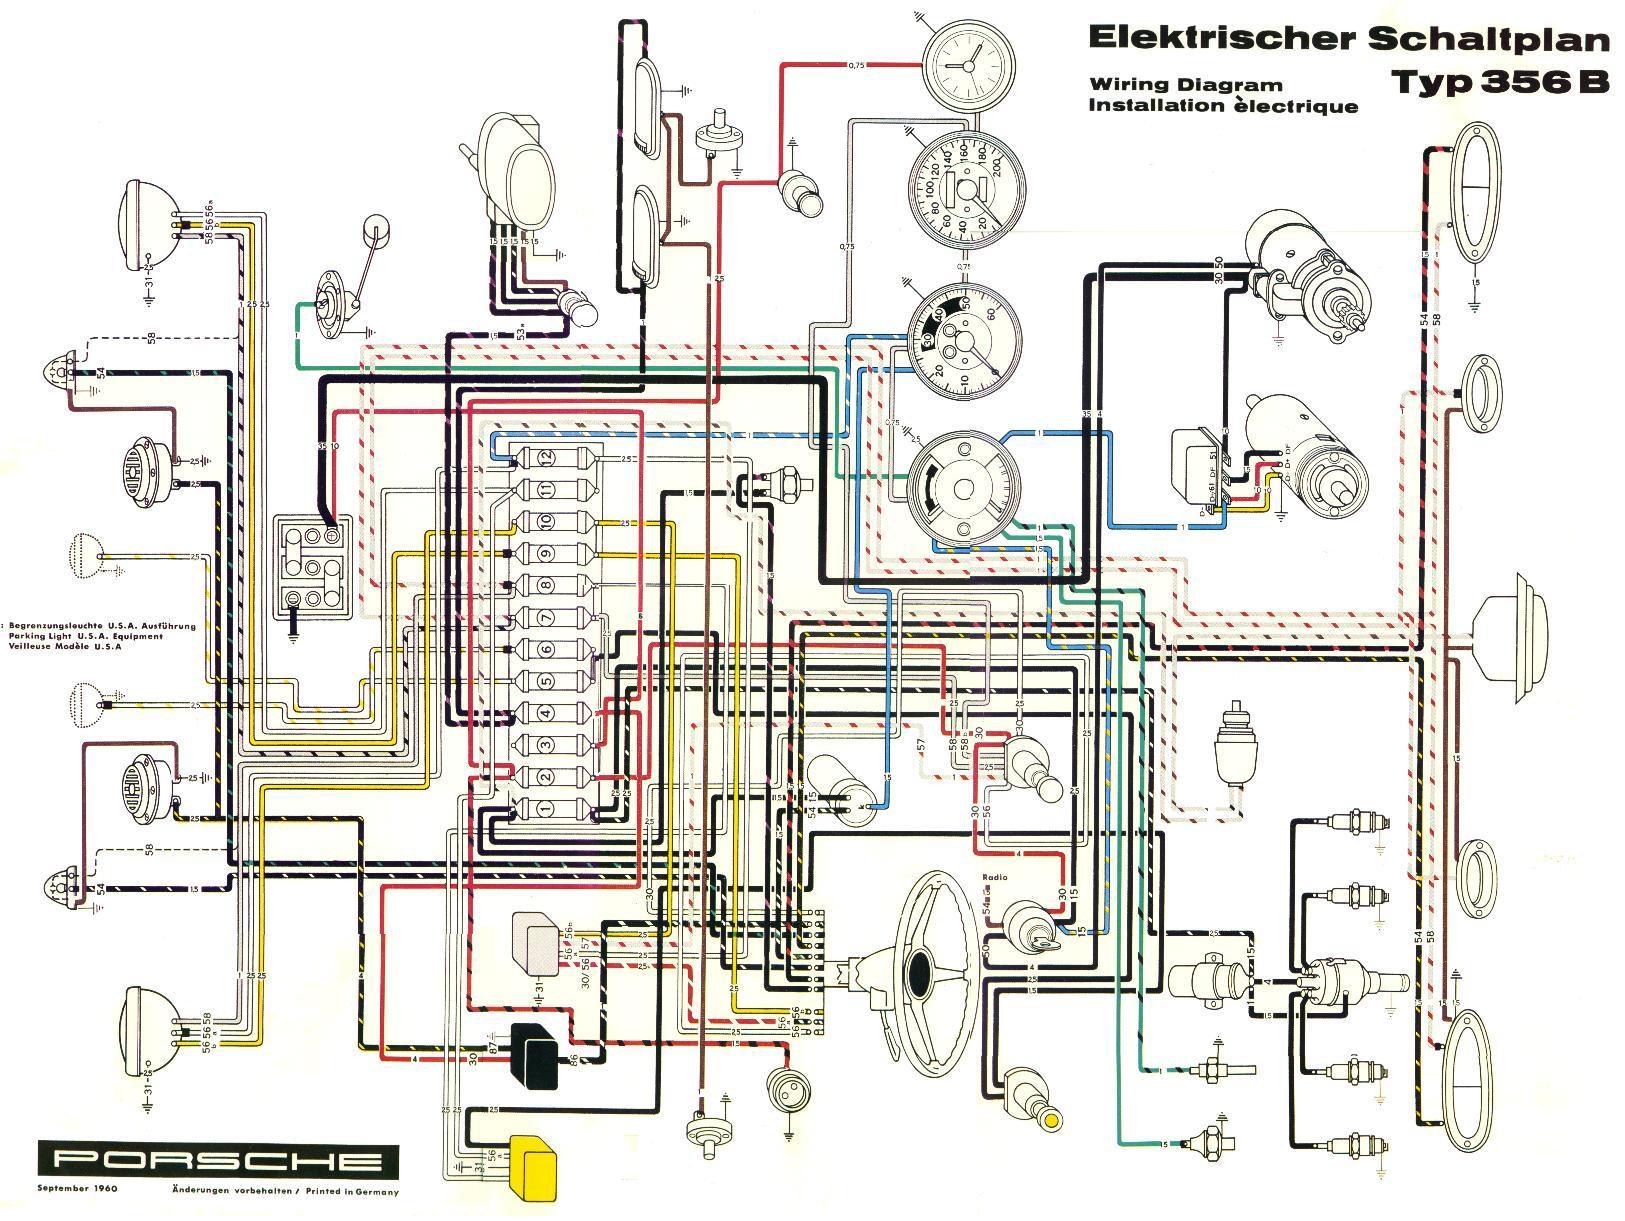 1974 porsche 911 wiring diagram - wiring diagrams site step-star -  step-star.geasparquet.it  geas parquet